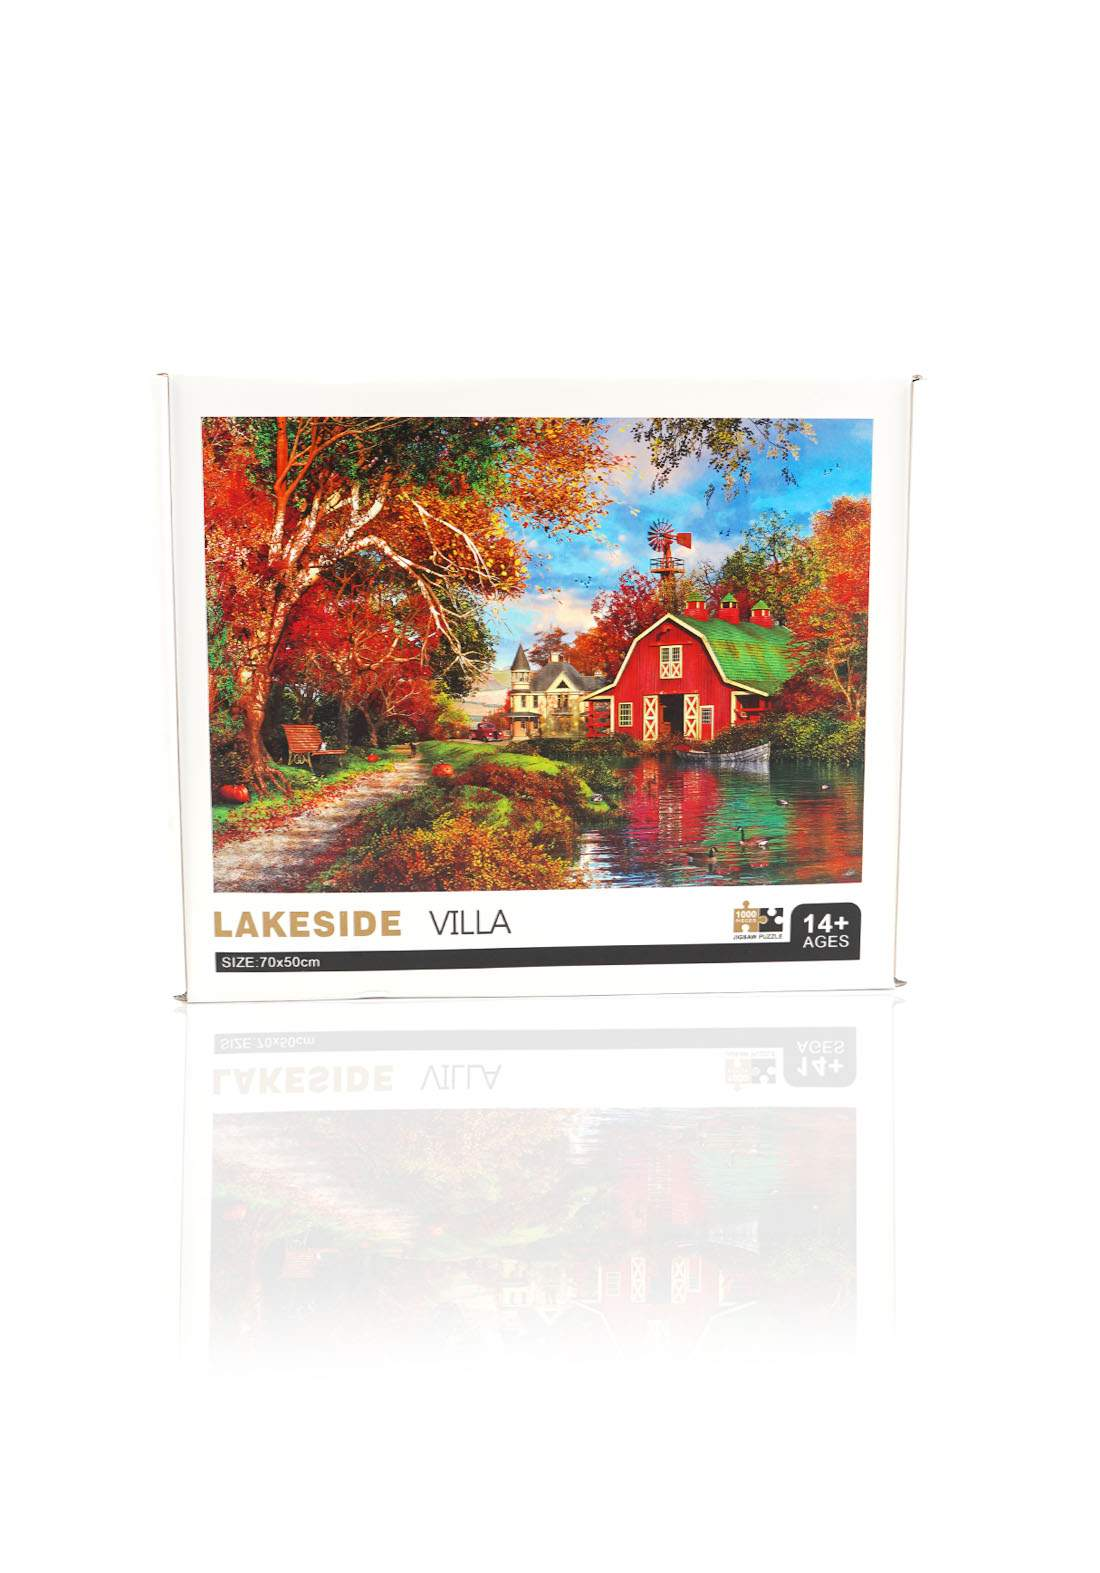 Jigsaw Puzzle Lake side Villa 1000Pcs لعبة تركيب القطع بشكل منزل وحديقة